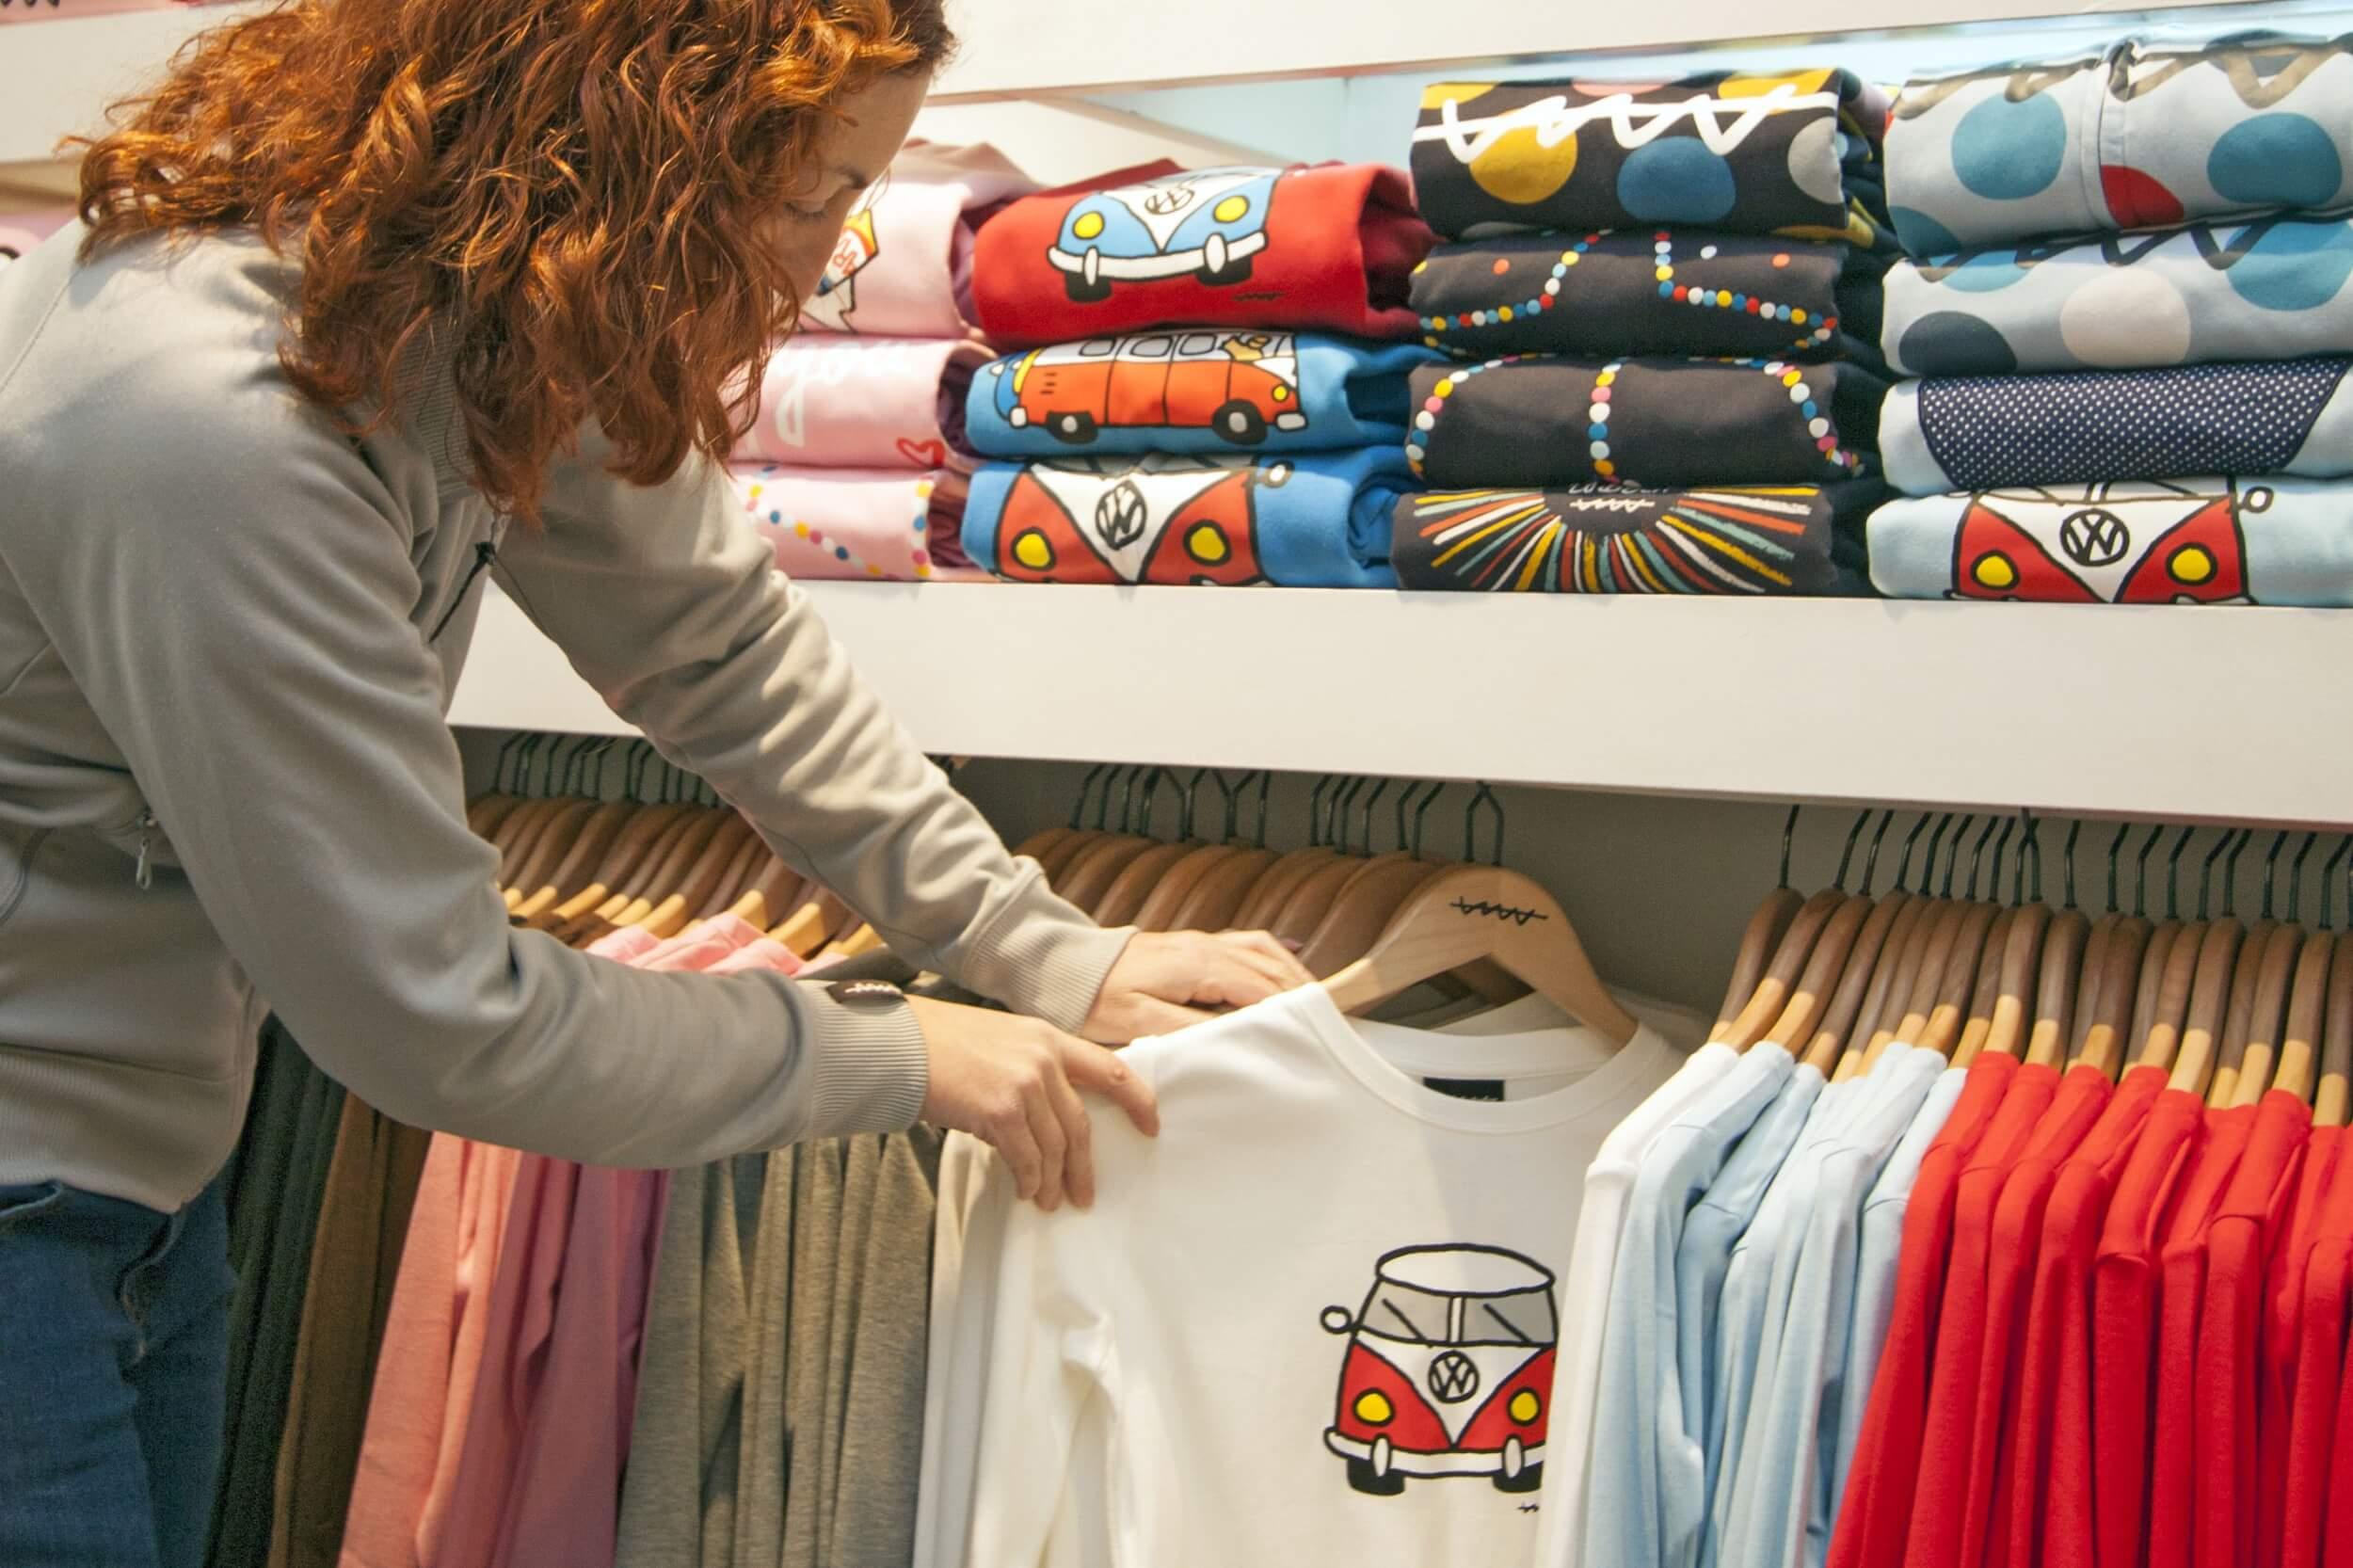 Karriere im Einzelhandel mit einem Franchisegeschäft (c) alterfines / pixabay.de